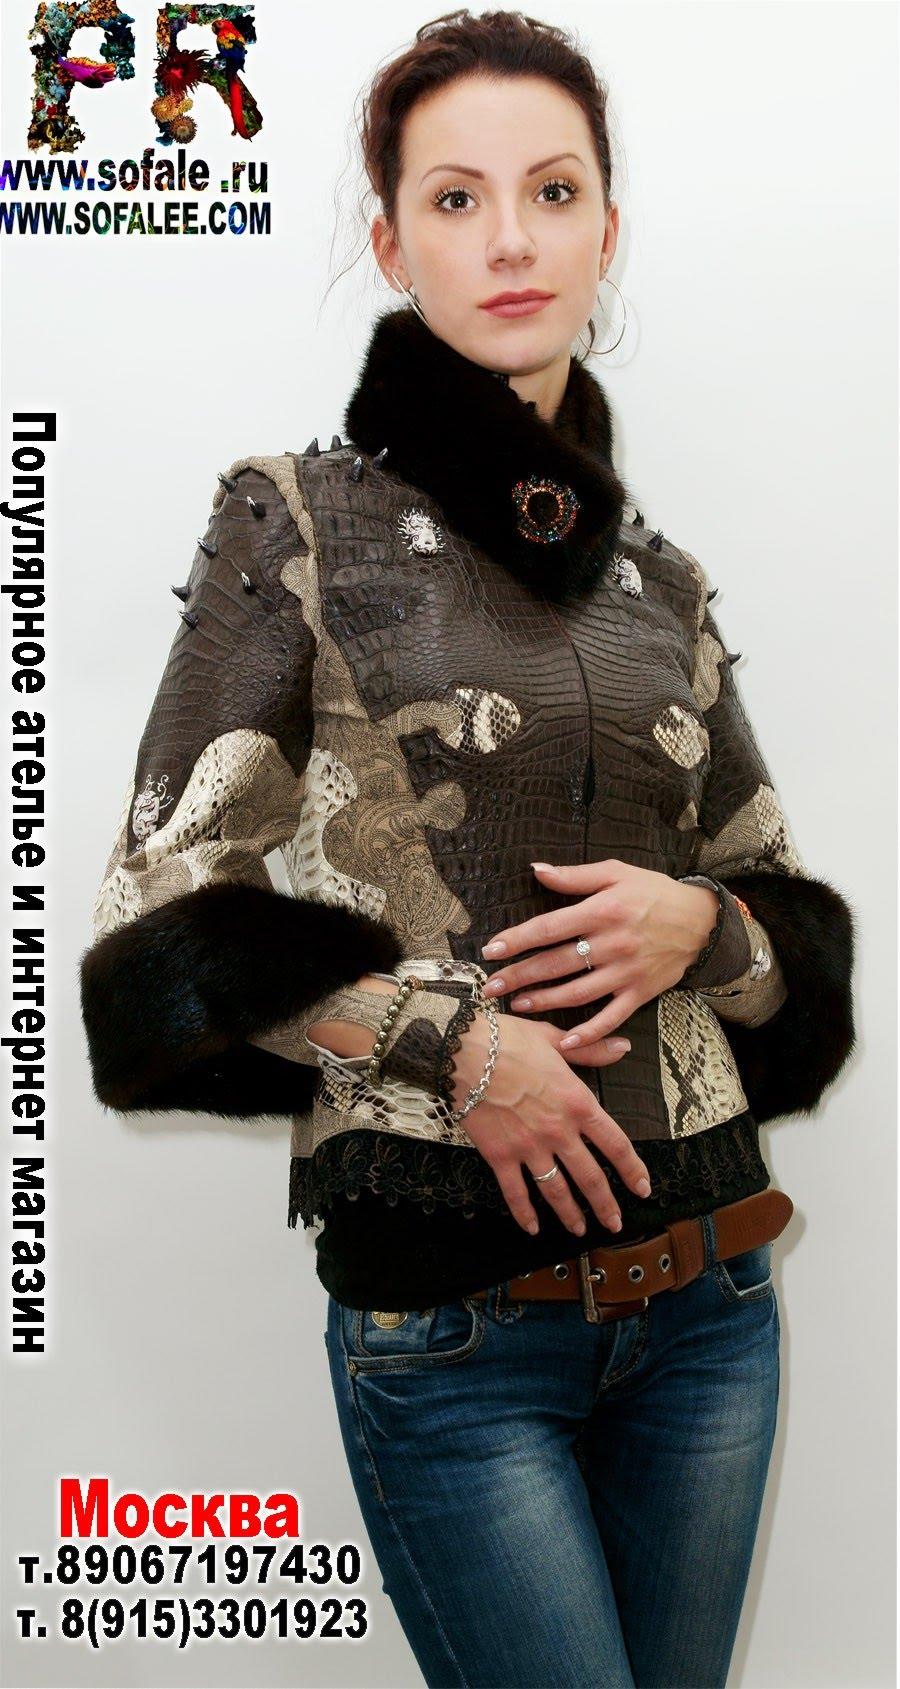 """№135 Женская куртка из кожи крокодила, питона, кожи с принтом """"Lux corde"""""""